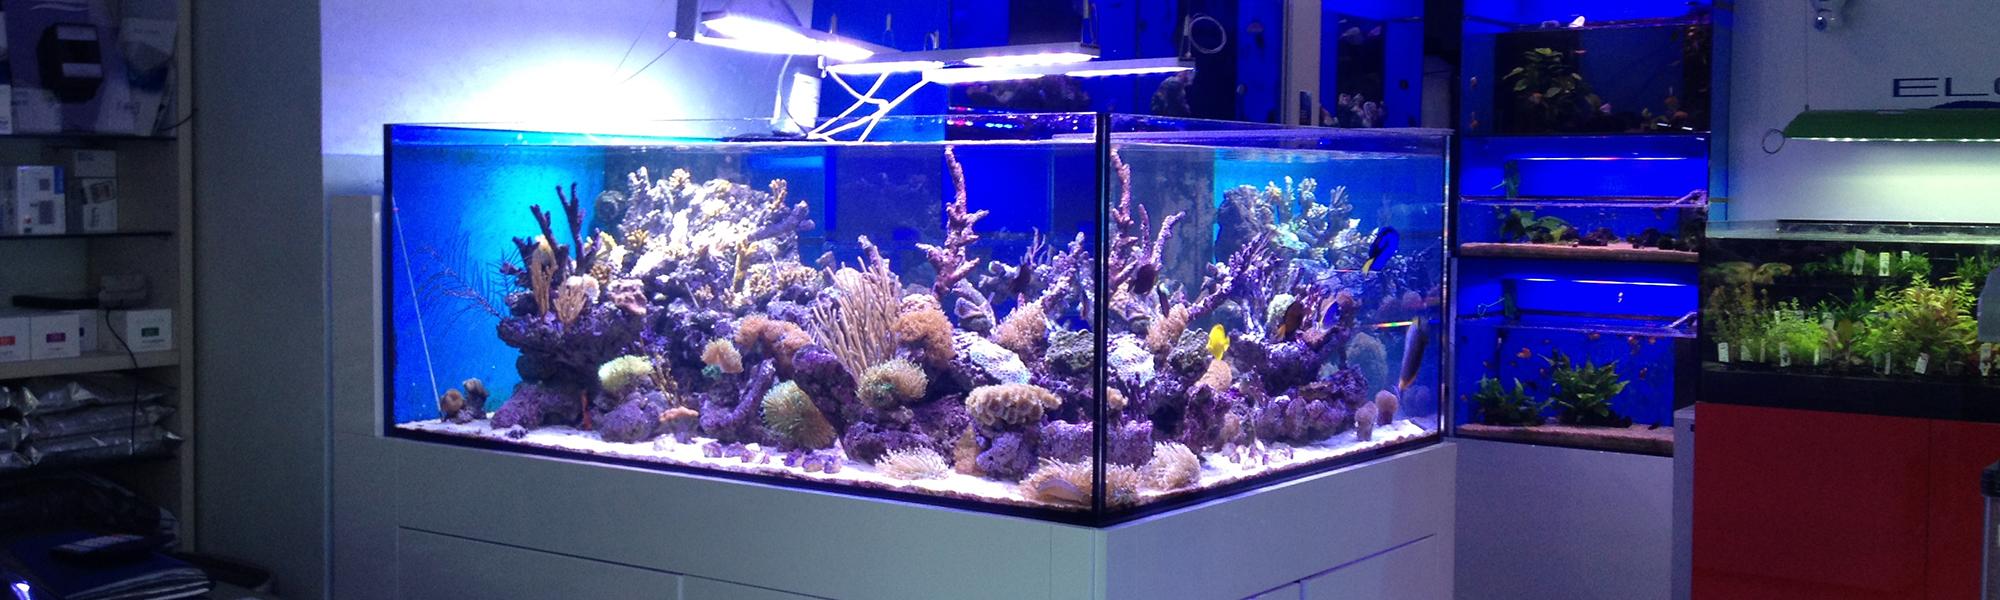 Barriera d'aria per proteggere i negozio di acquari dagli insetti